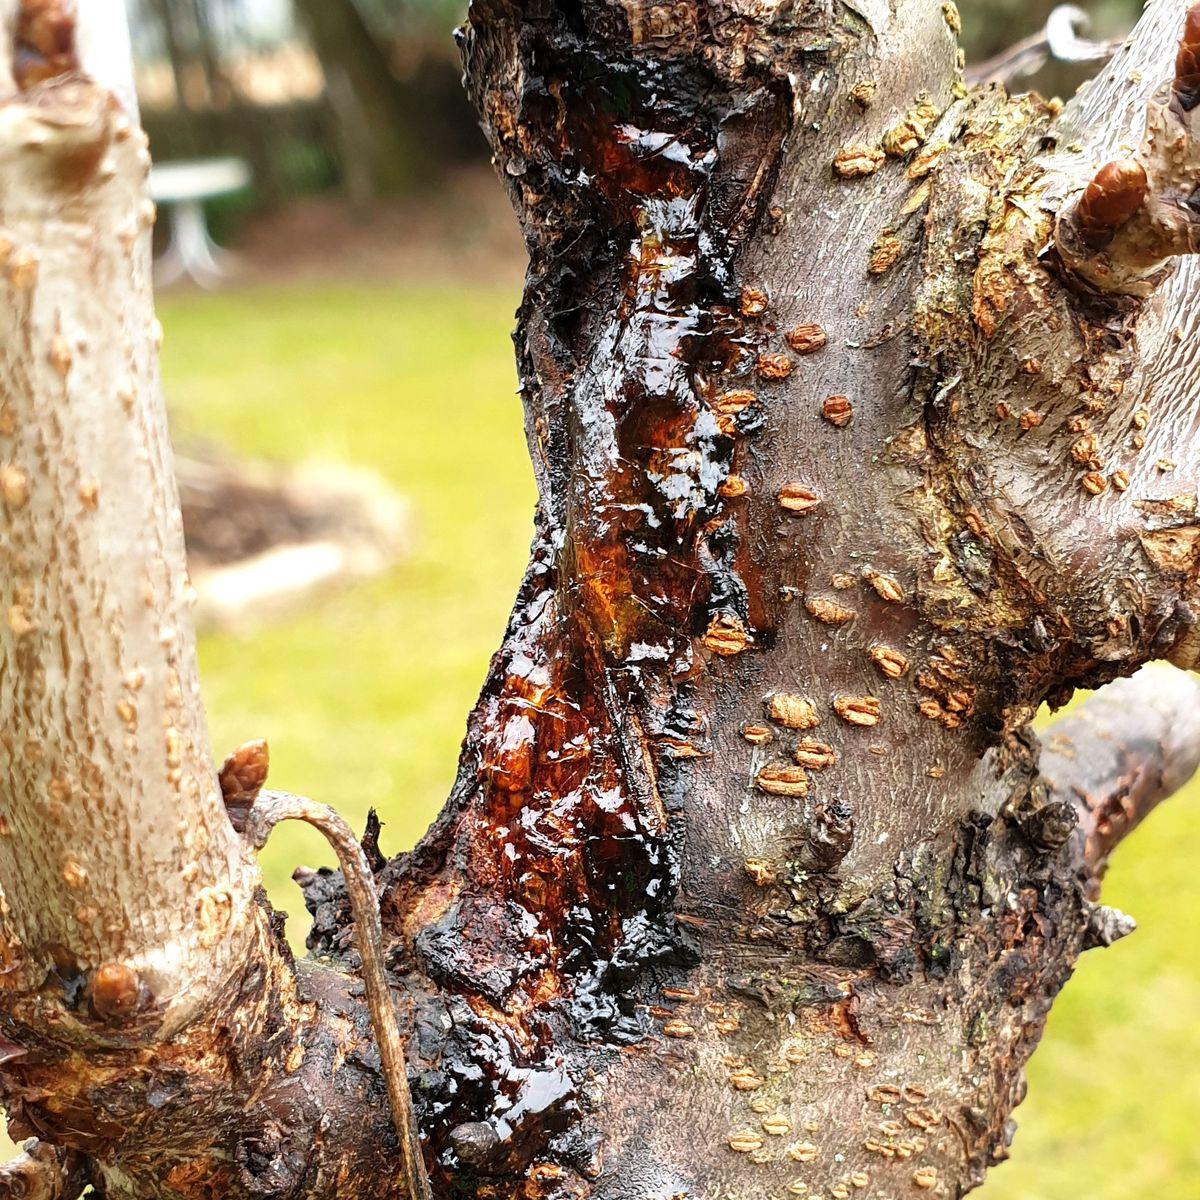 Rinde kirschbaum 8 Kirschbaum